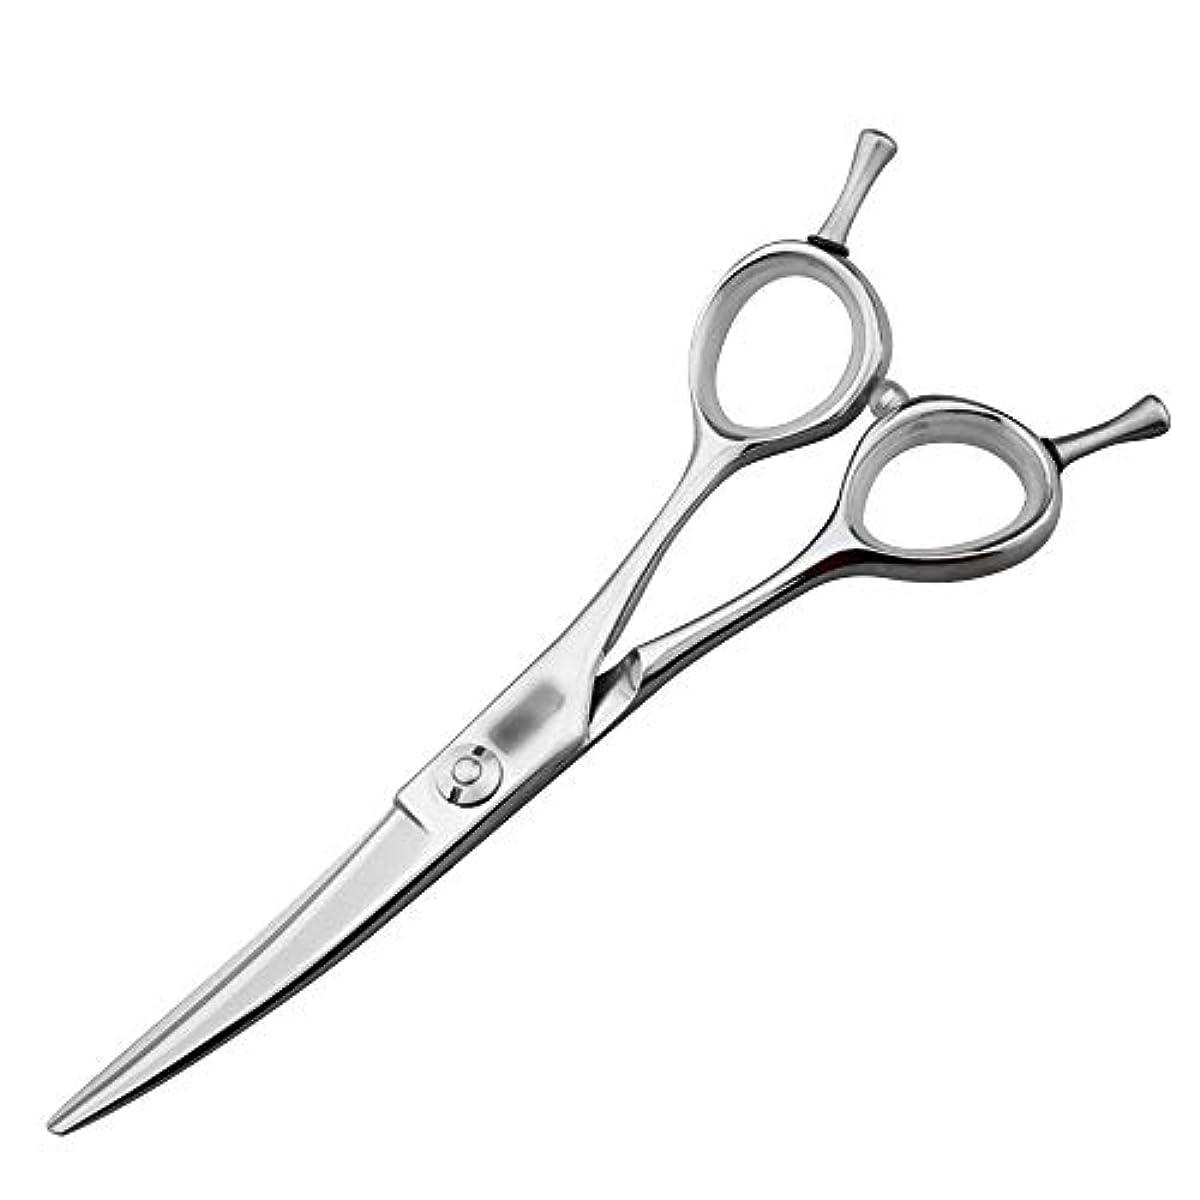 派生するレルムチーター5.5インチの美容院の専門の上限の理髪はさみ、専門の注文の平らなはさみはさみ ヘアケア (色 : Silver)